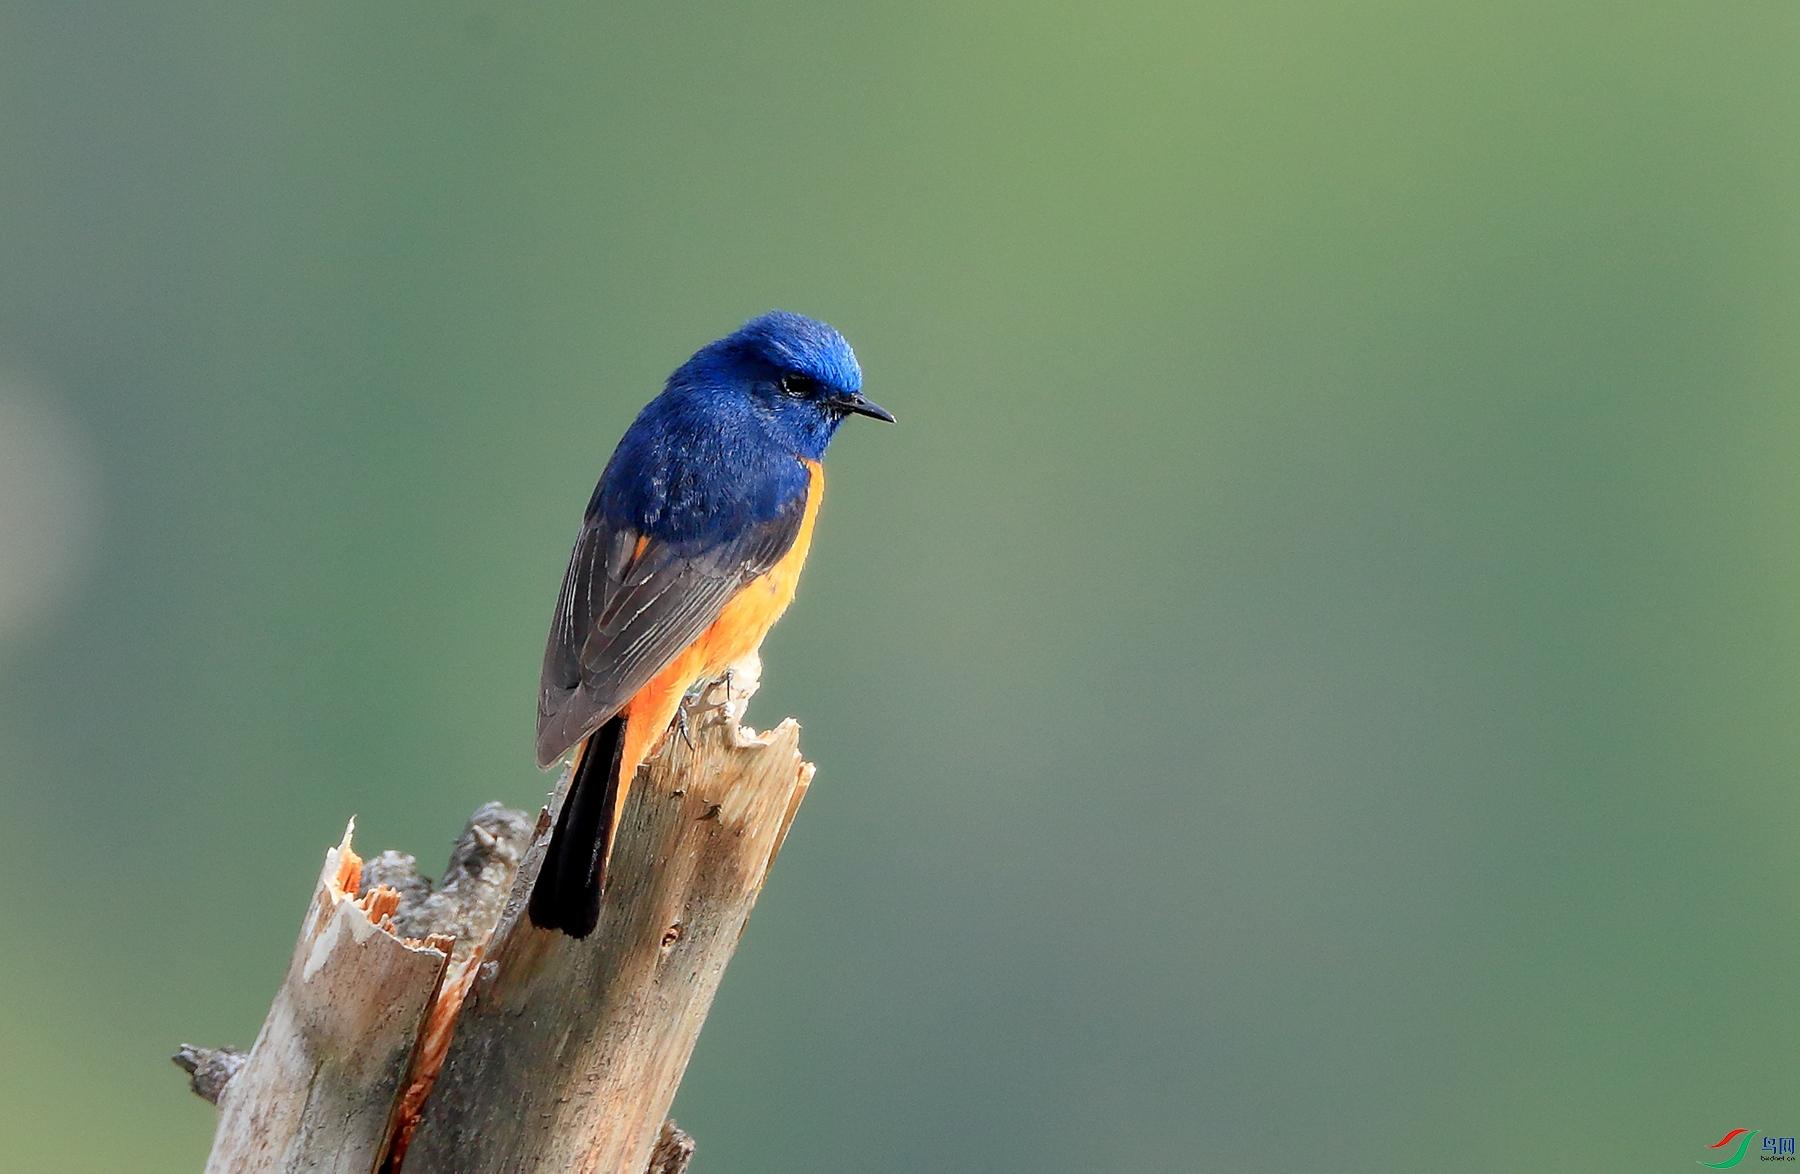 蓝额红尾鸲Blue-fronted Redstart